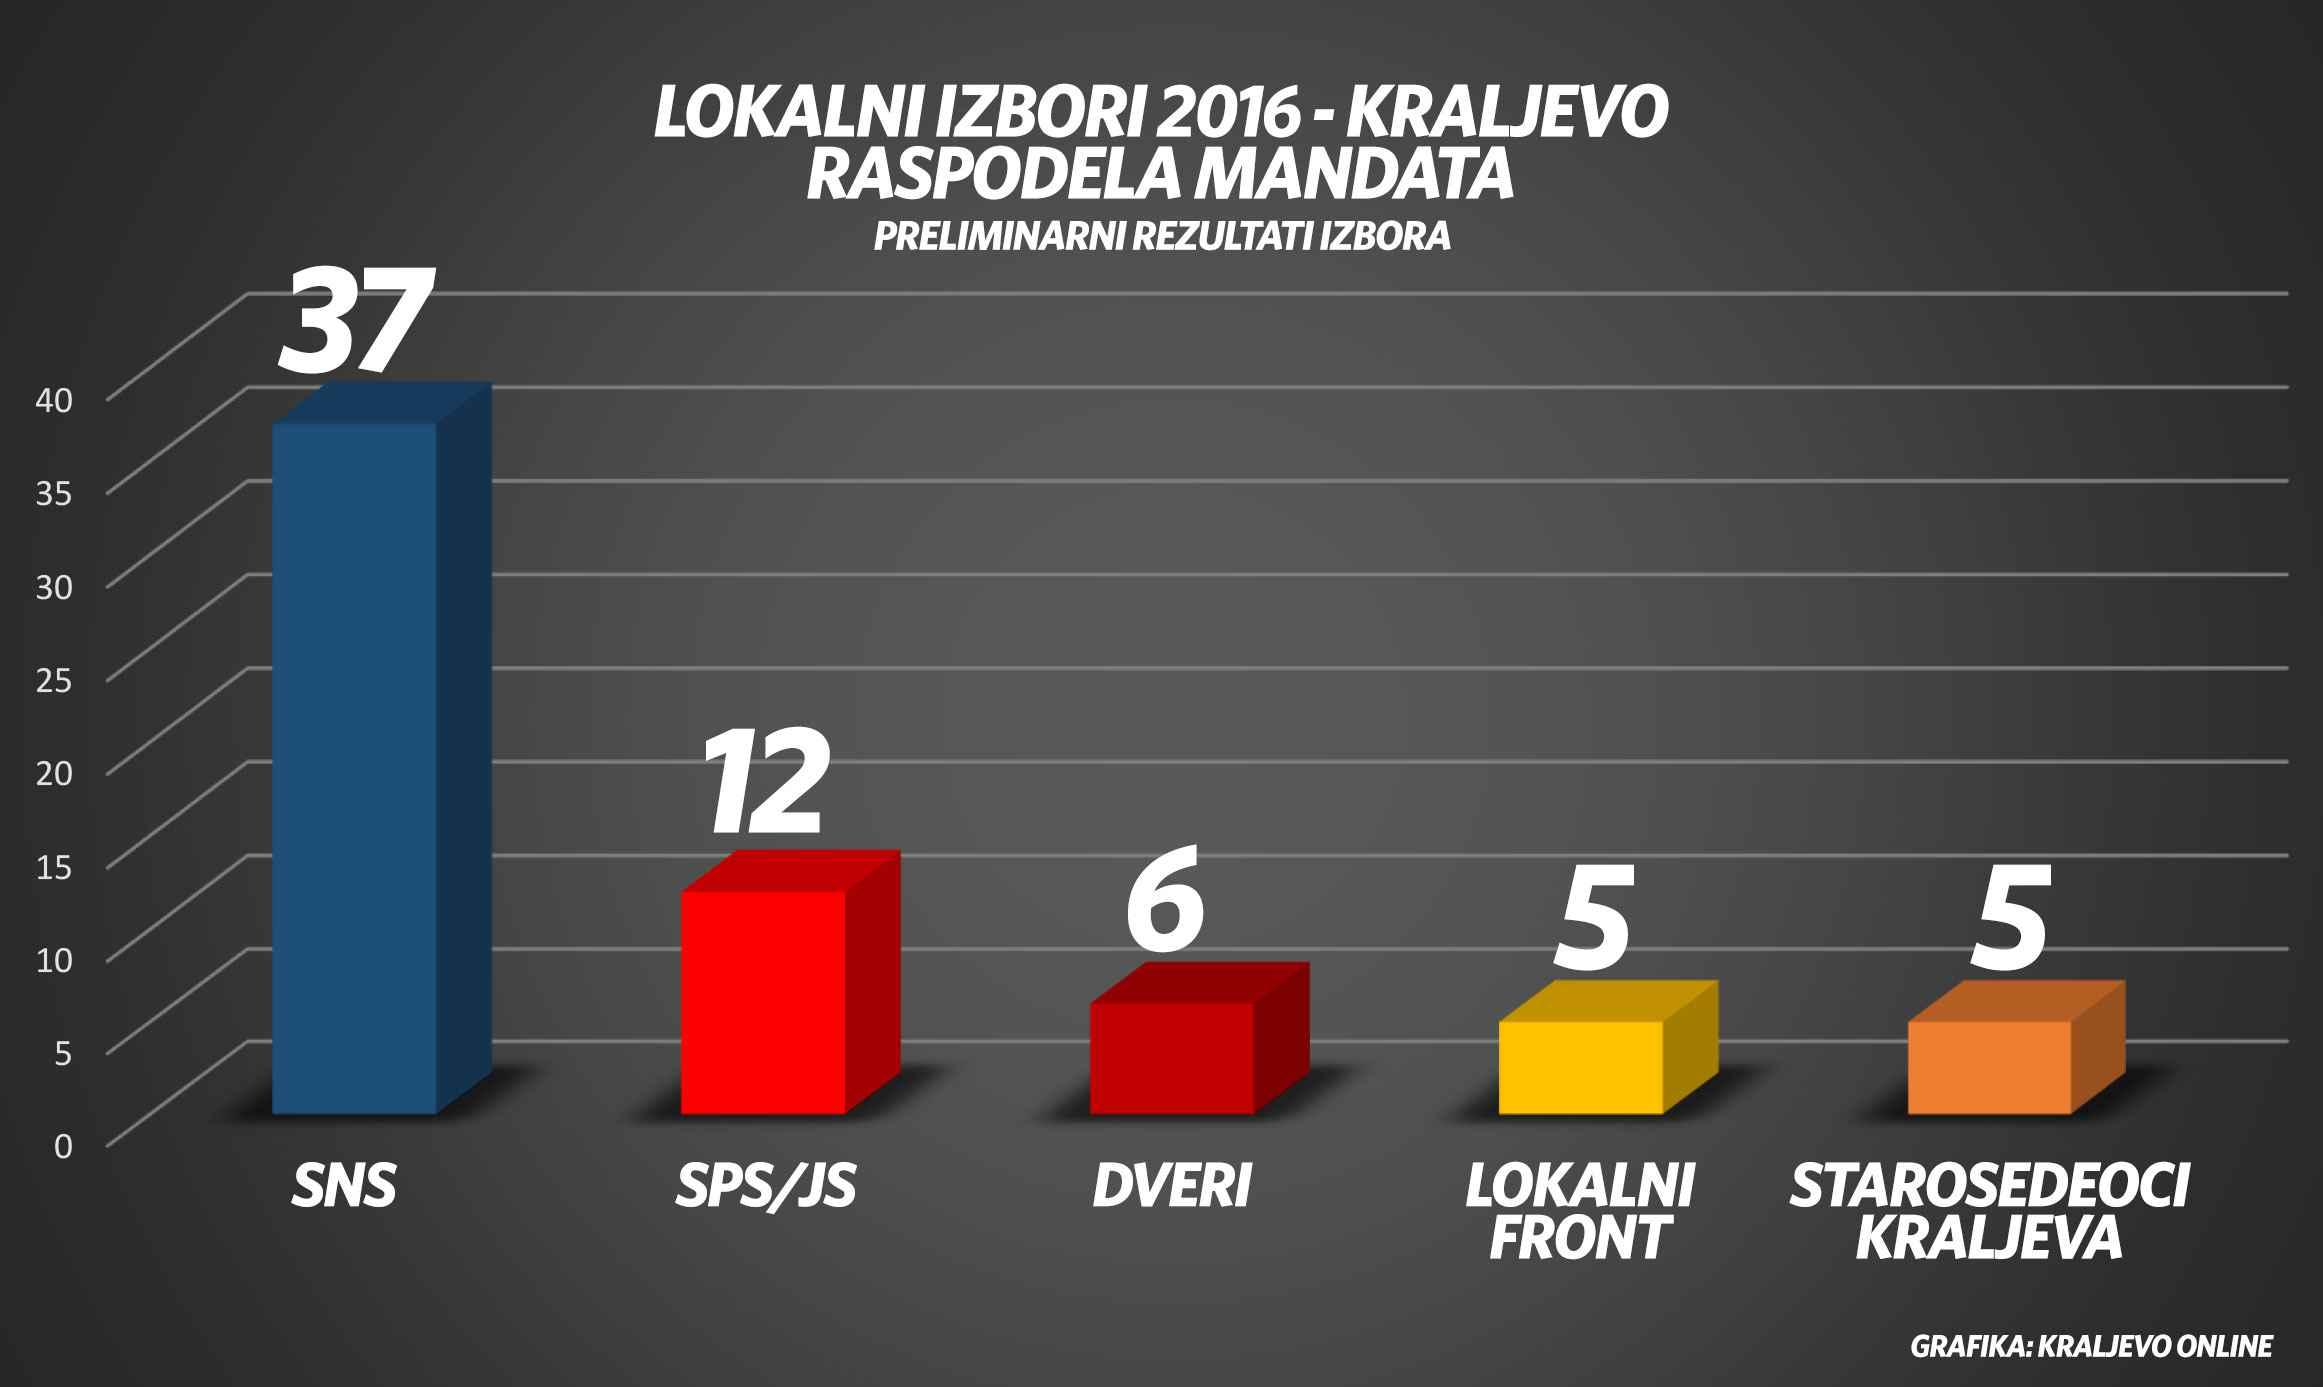 izbori-kraljevo-grafika-mandati